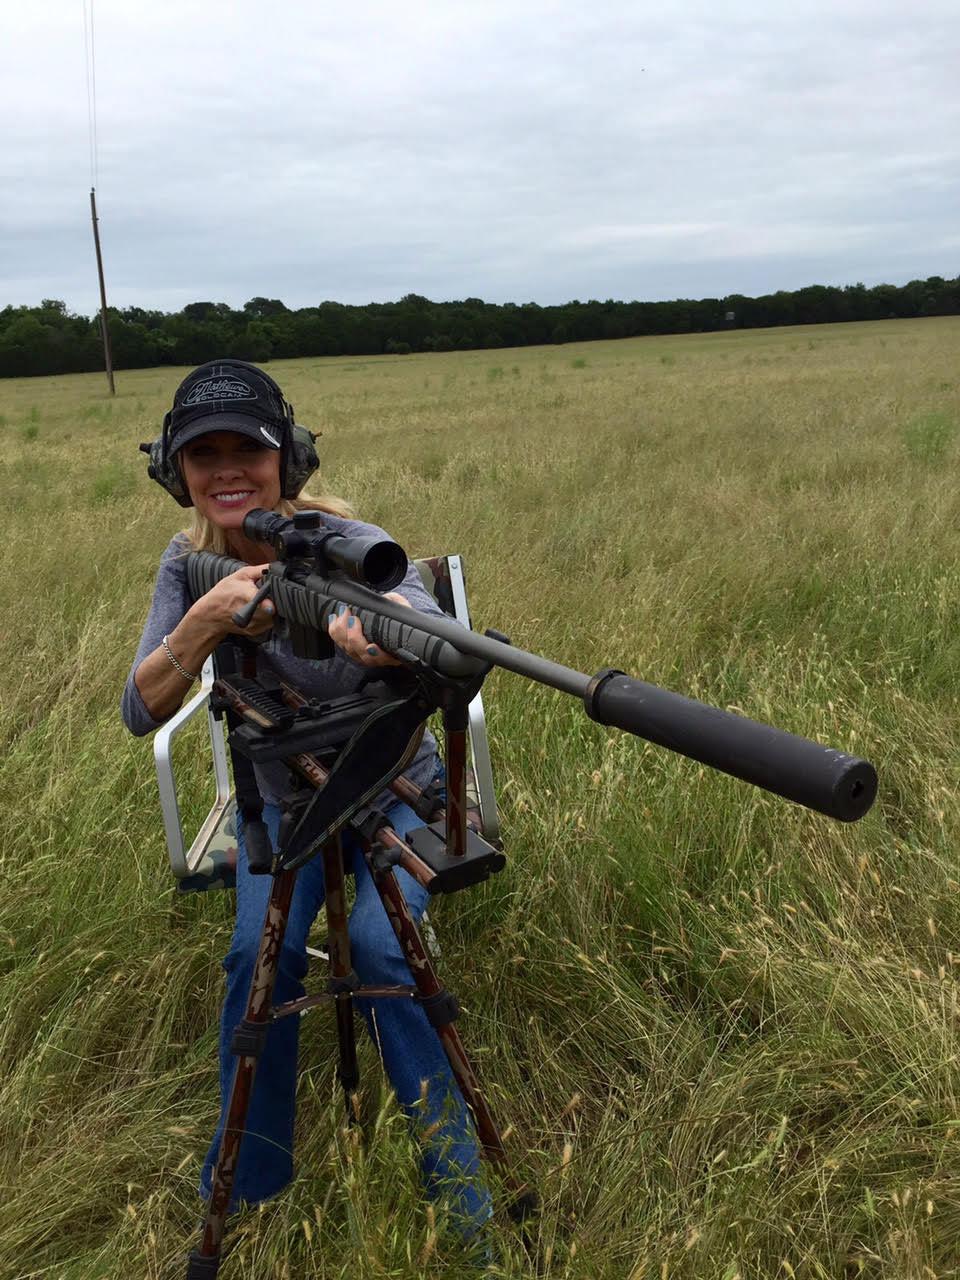 Nugent: Get A Muffler For Your Gun